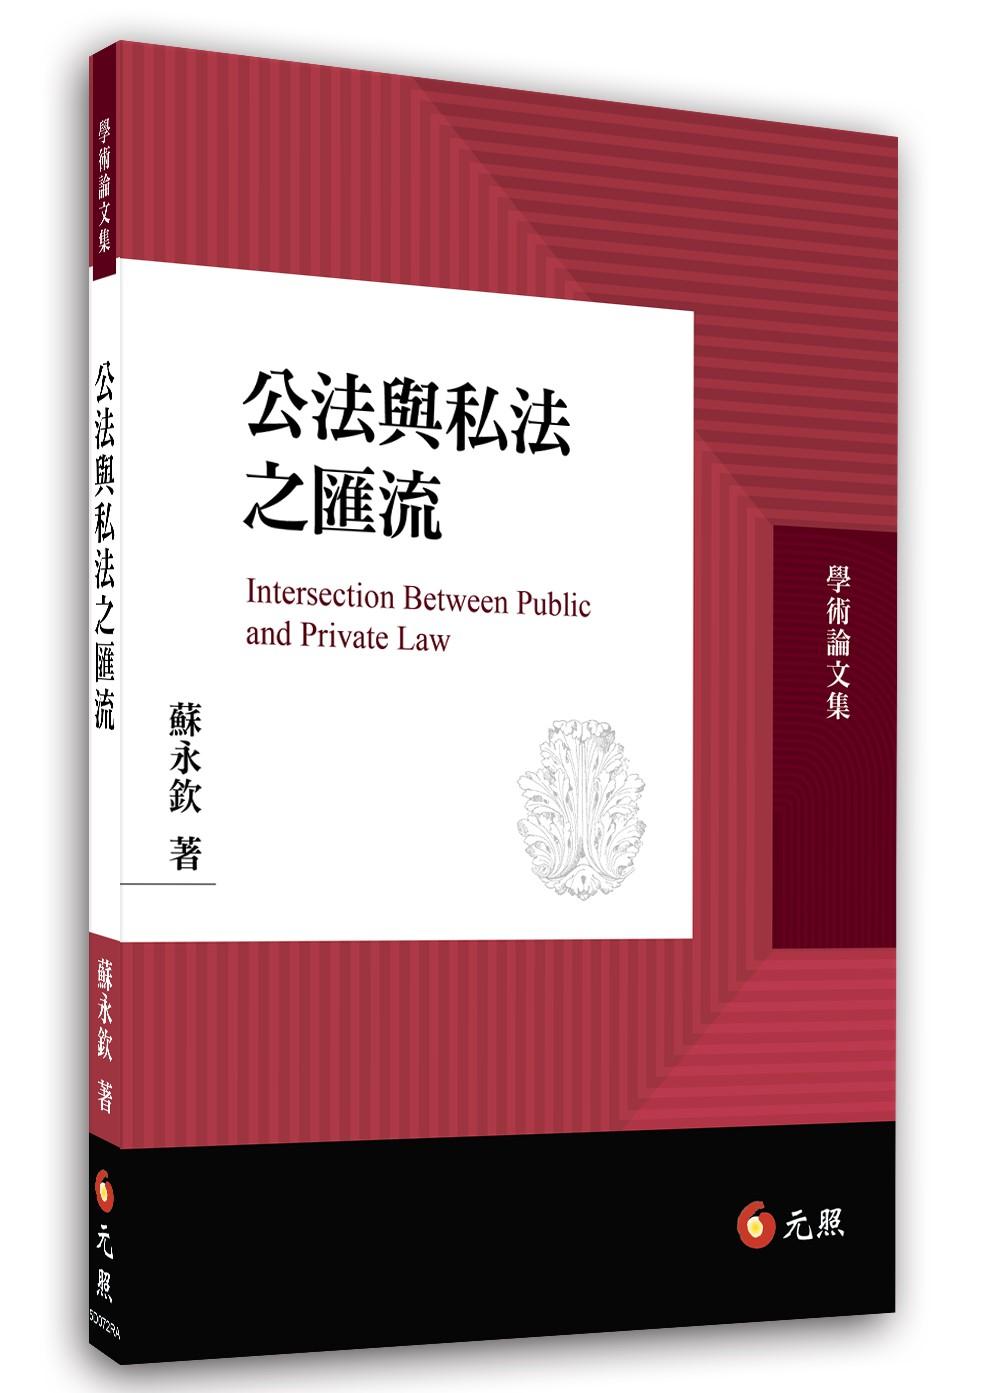 公法與私法之匯流